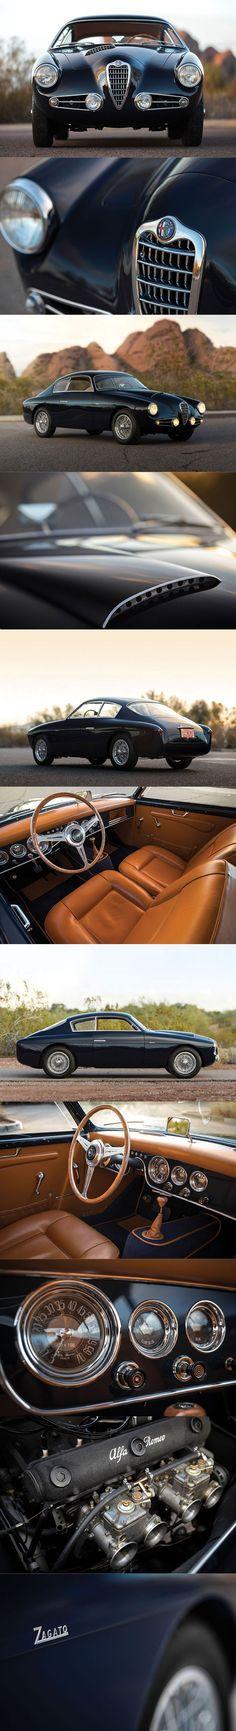 1955 Alfa Romeo 1900 C SS Berlinetta / Zagato / s/n 01909 / RM Sotheby's / Italy / black / 17-380